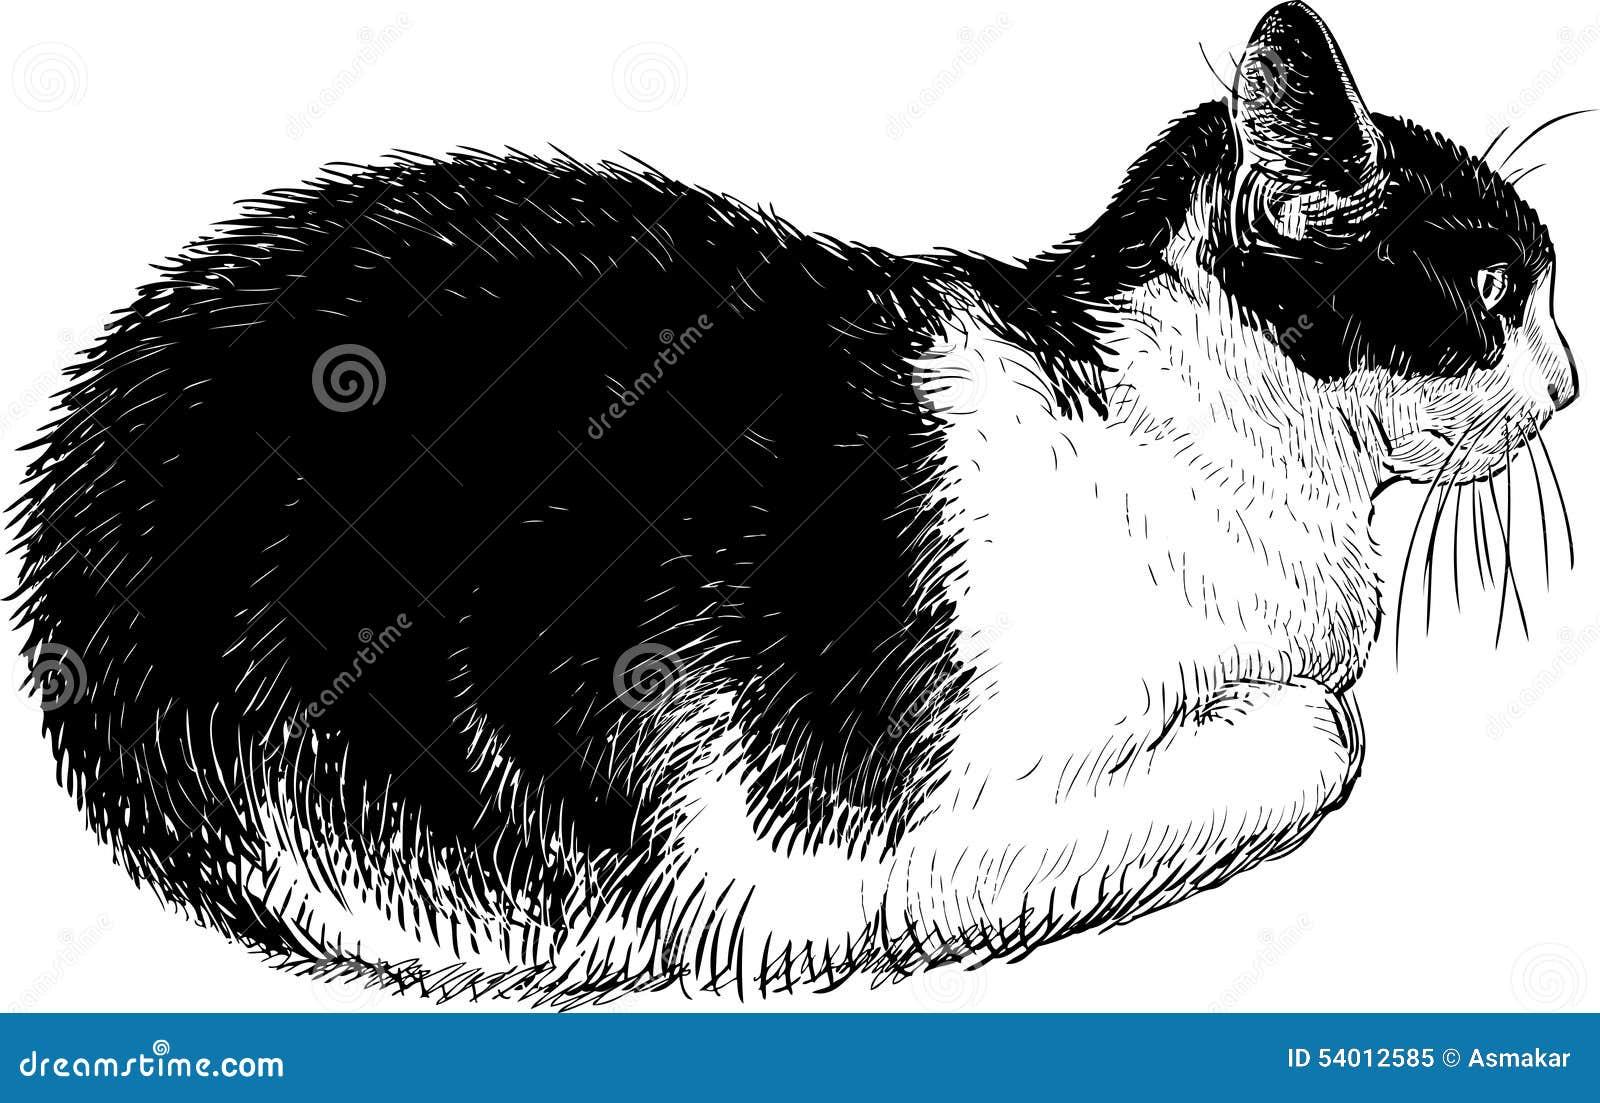 Dibujos De Gatos En Blanco Y Negro